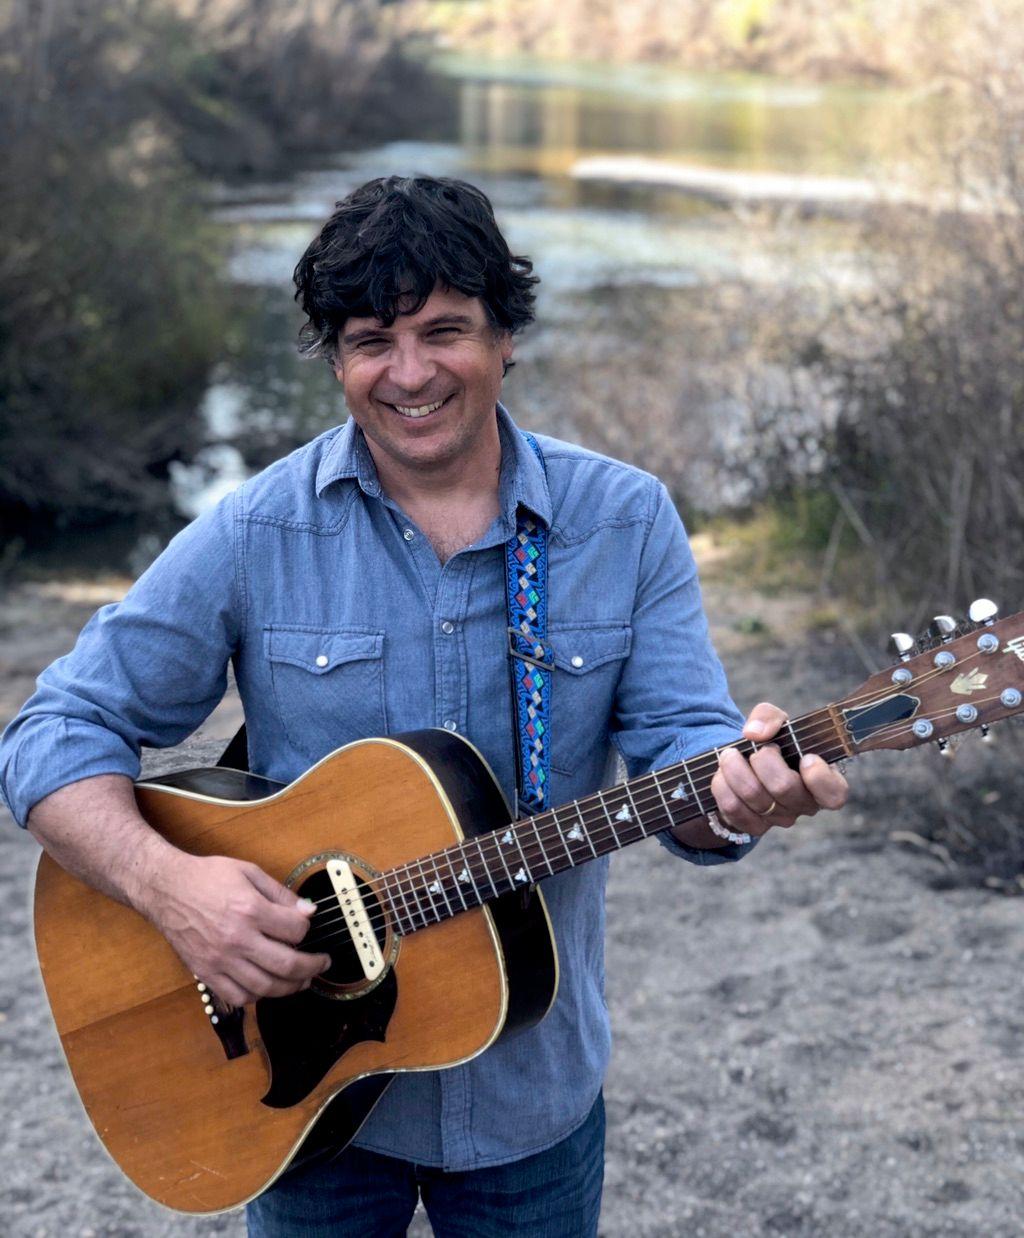 Mike Saliani